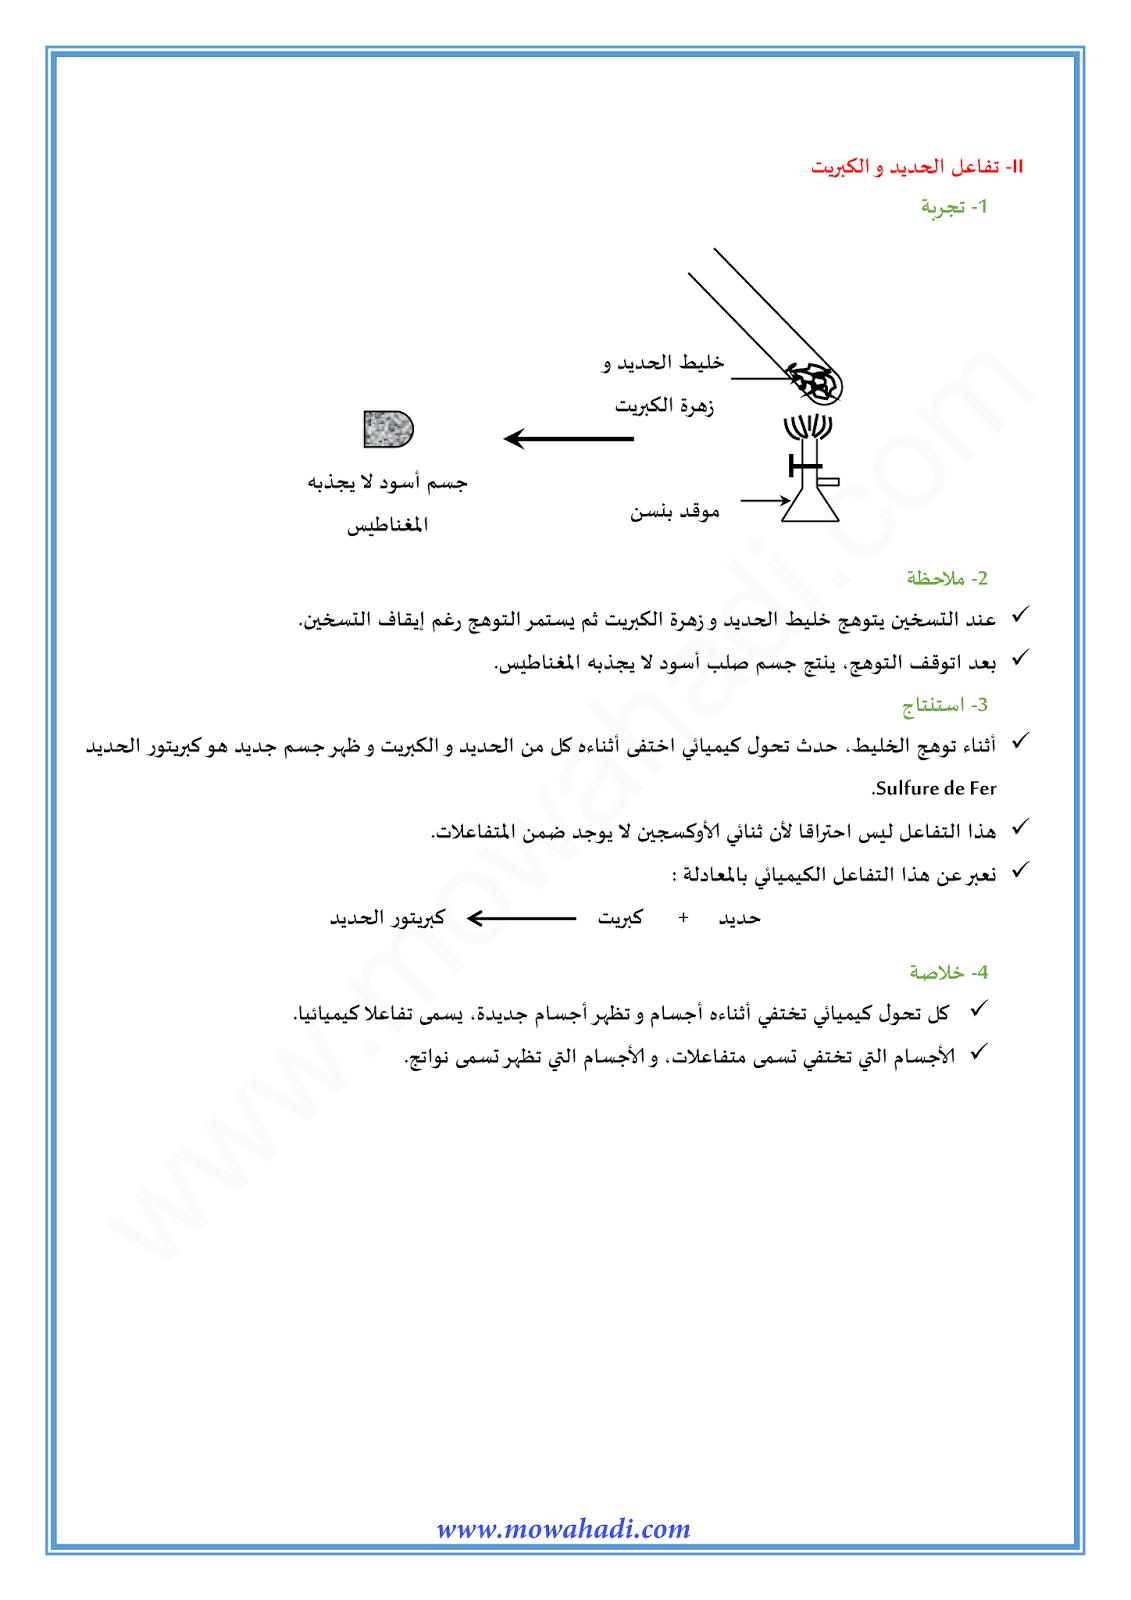 مفهوم التفاعل الكيميائي-1